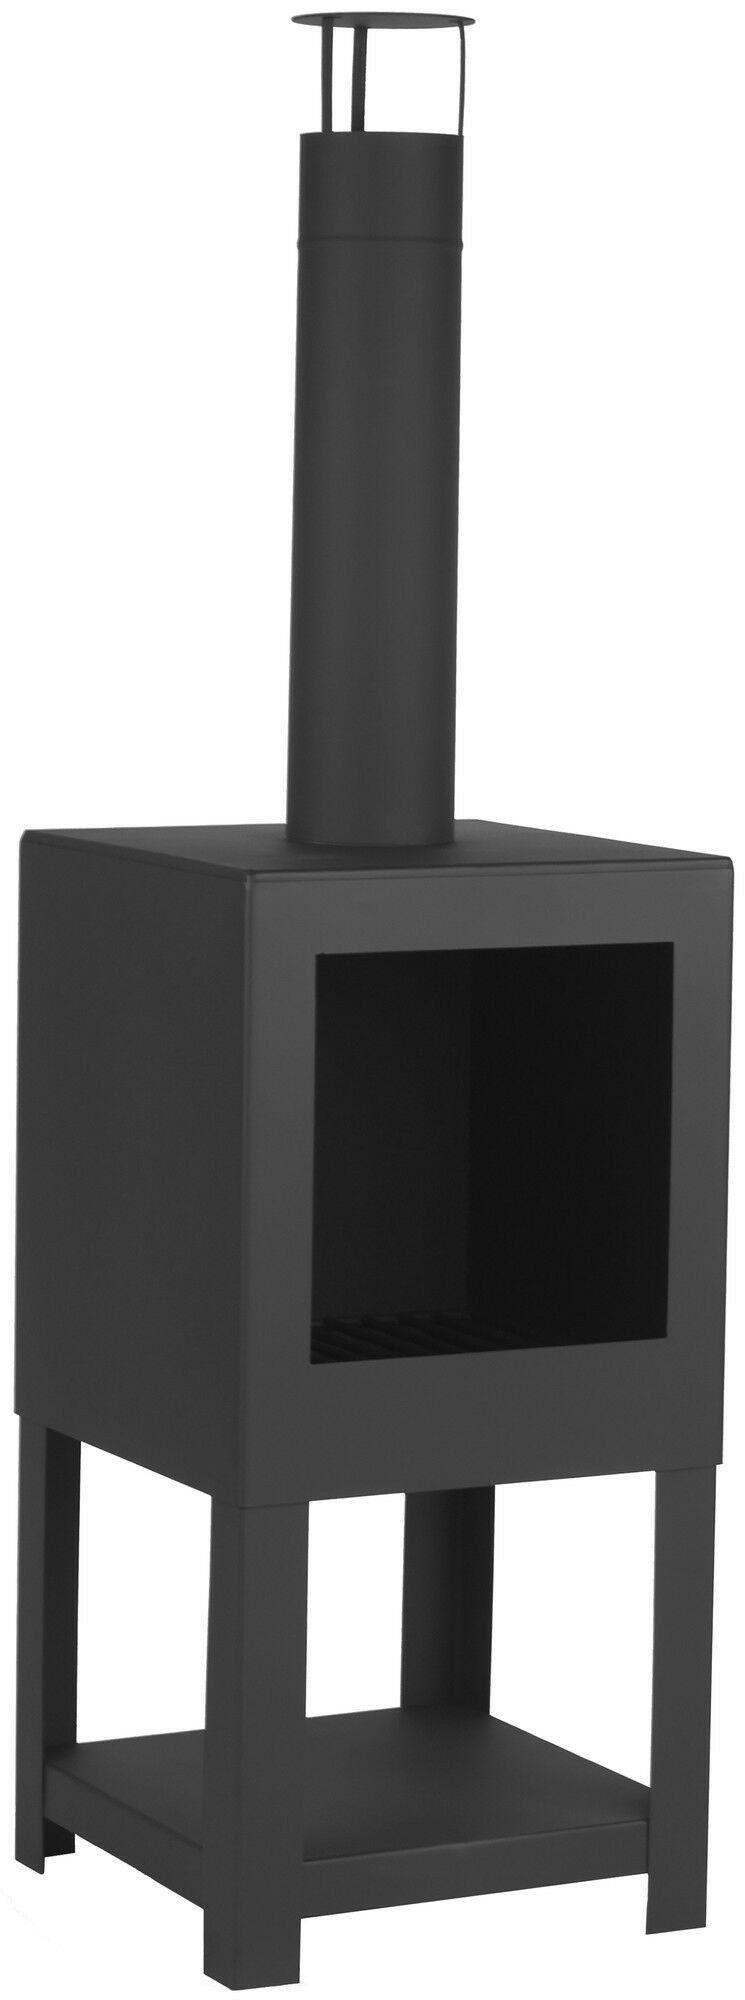 Esschert FF410 Terraskachel   Moderne Tuinhaard